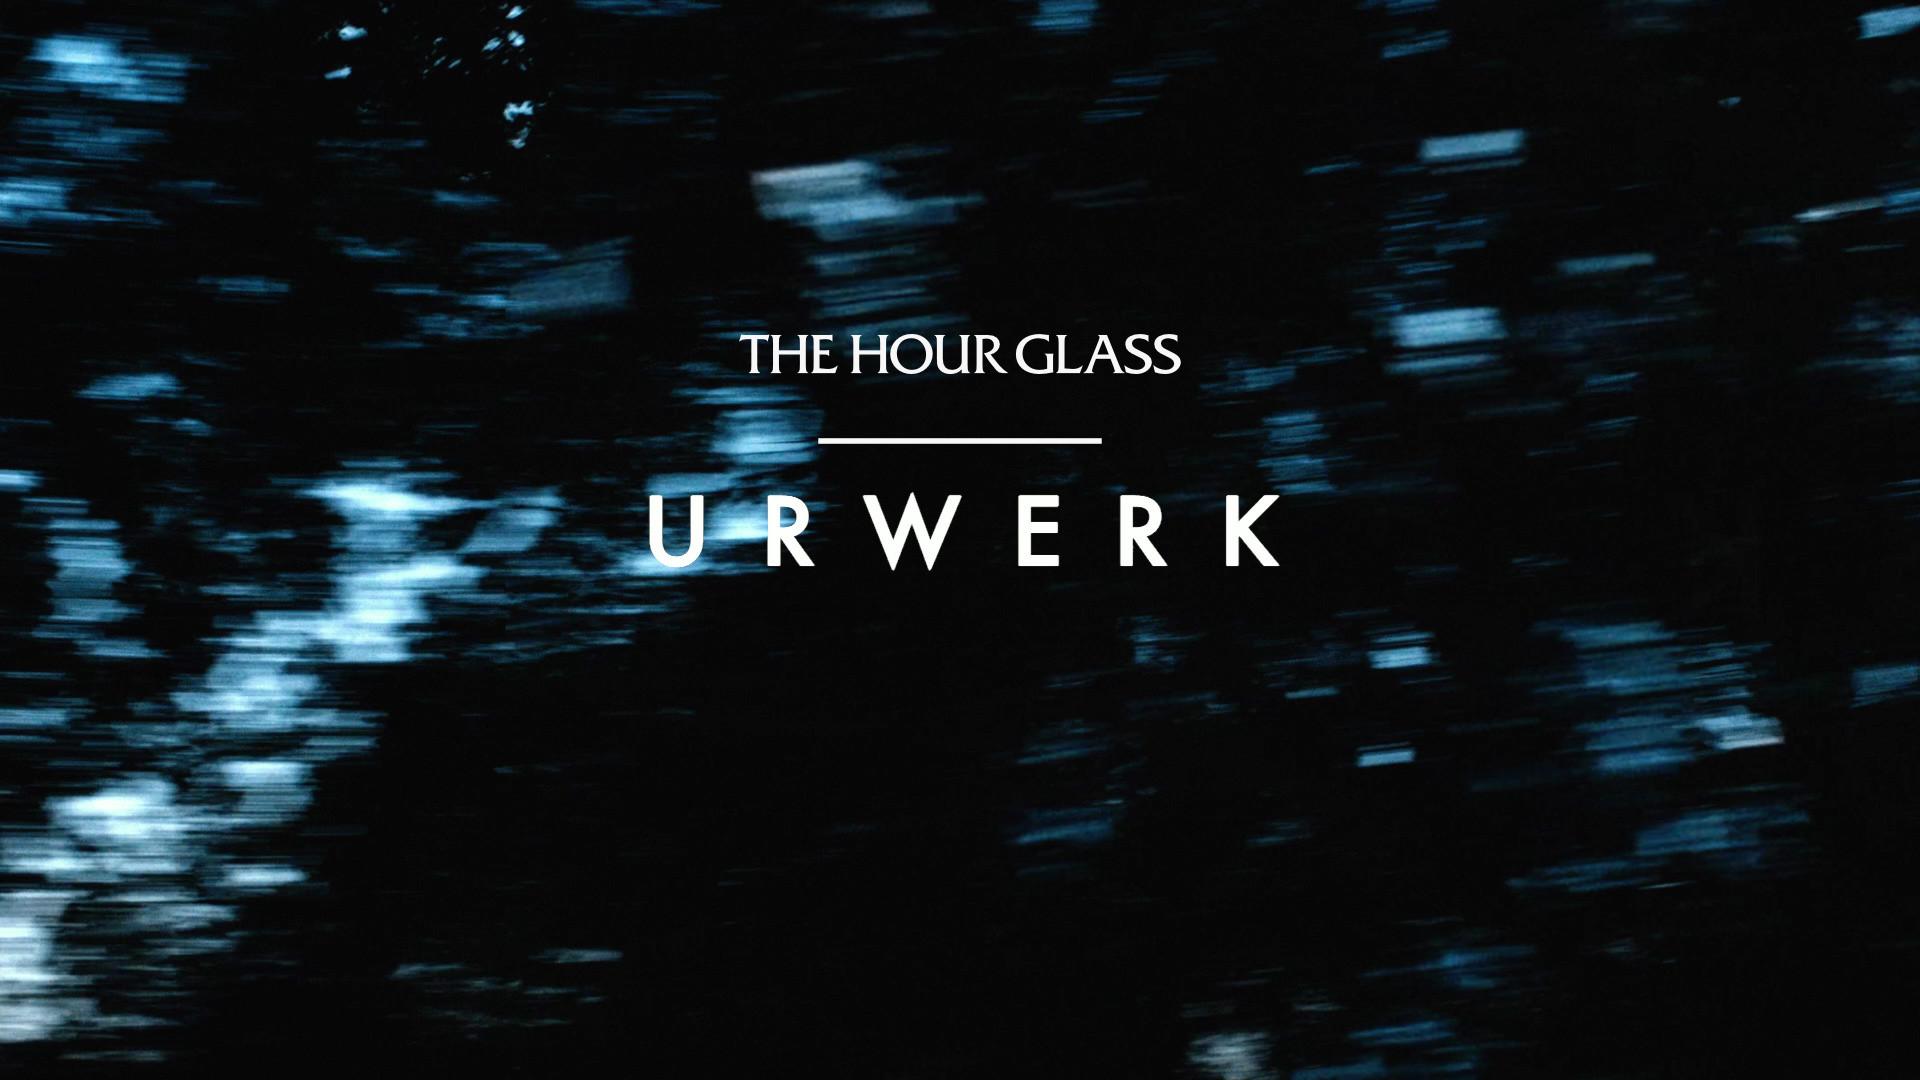 www.thehourglass.com